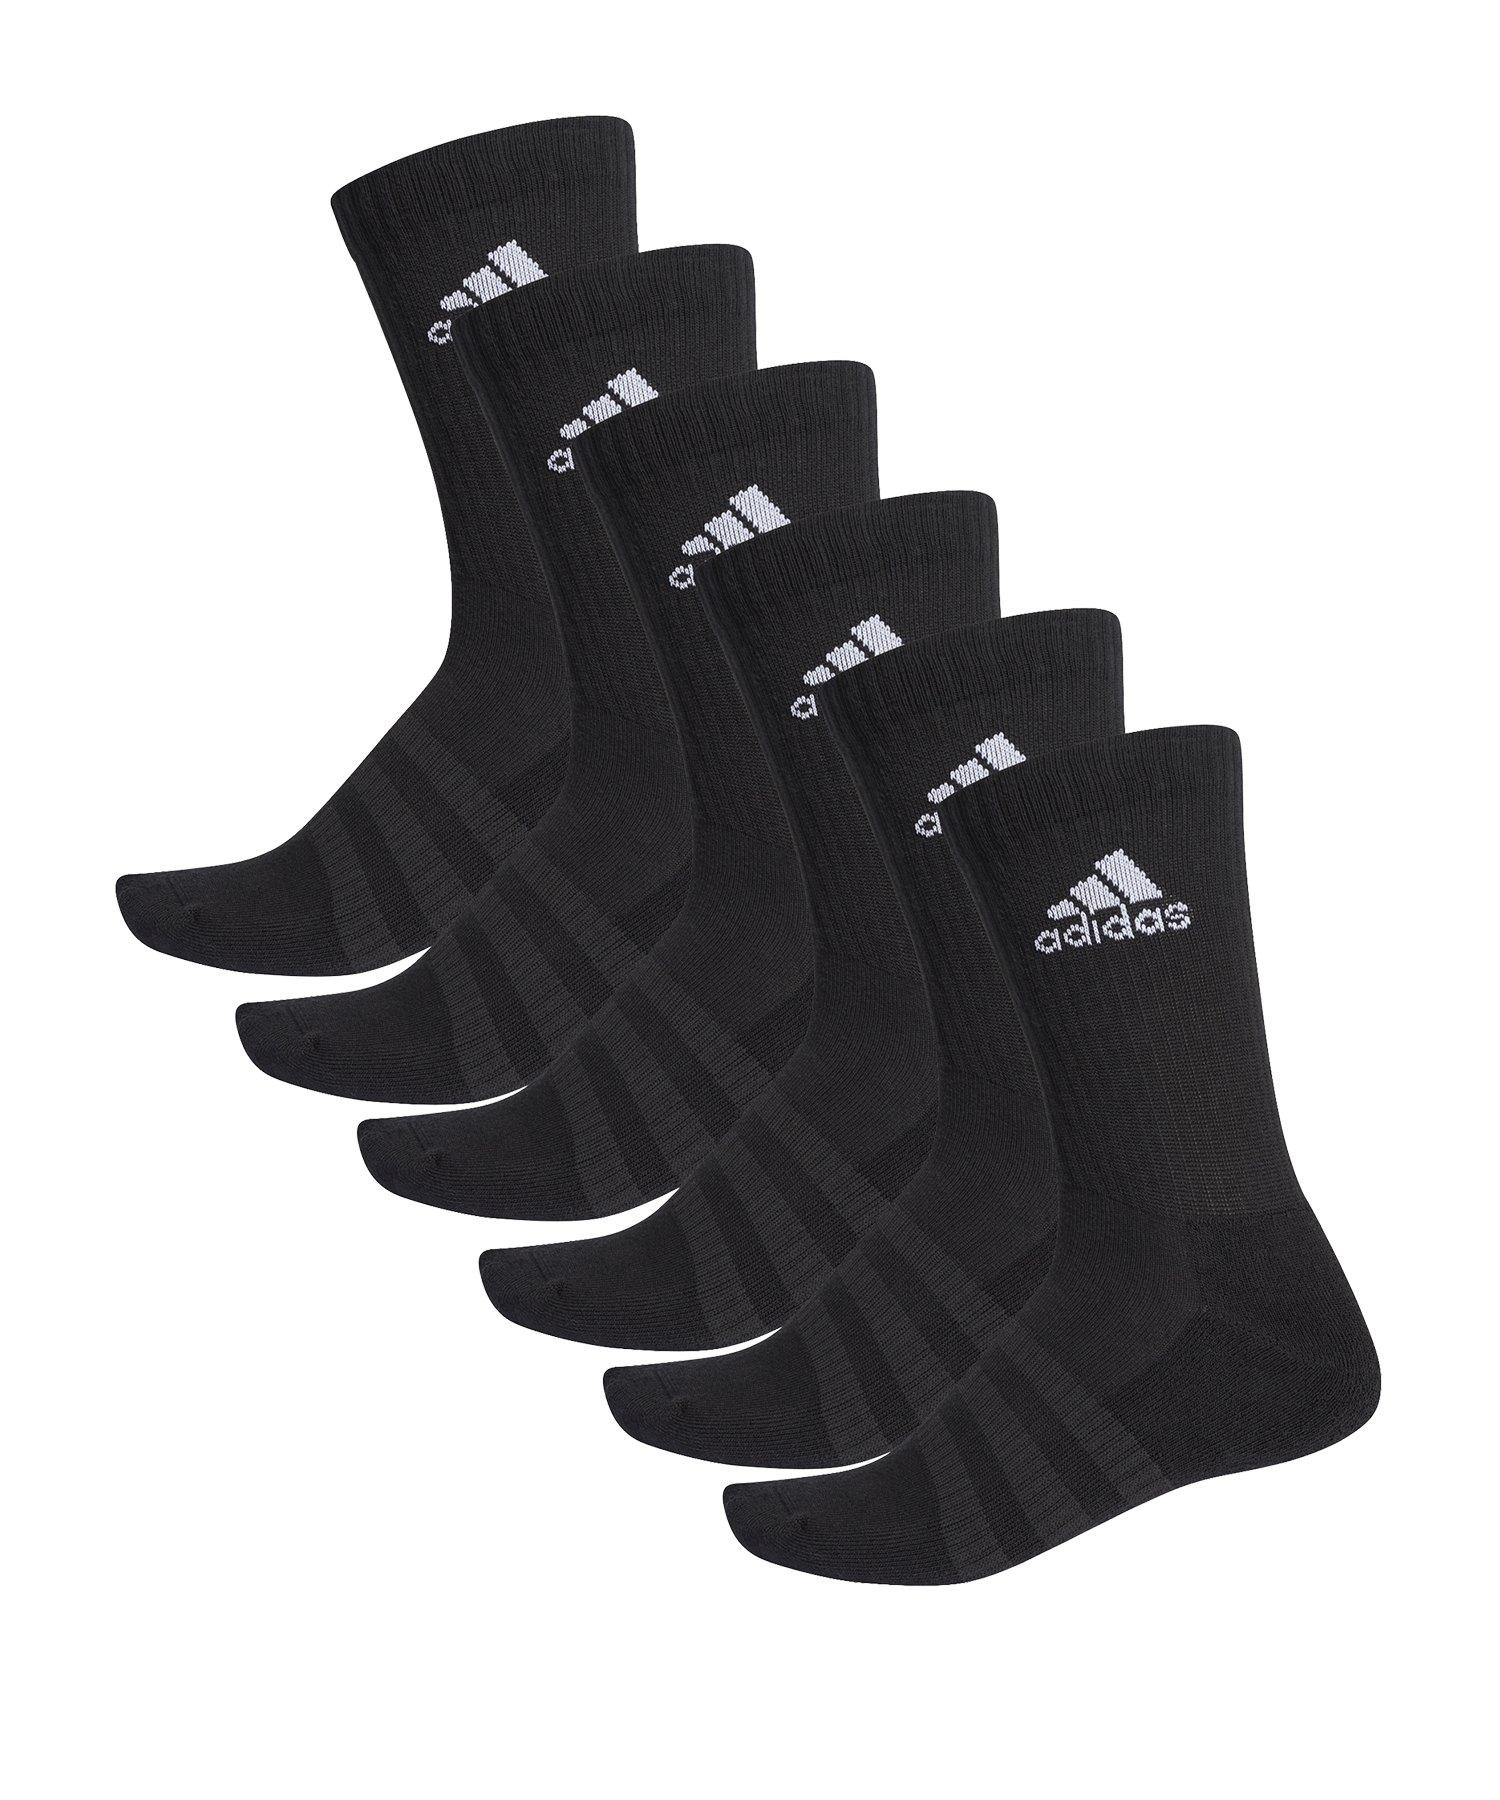 adidas Cushion Crew Socken 6er Pack Schwarz - schwarz